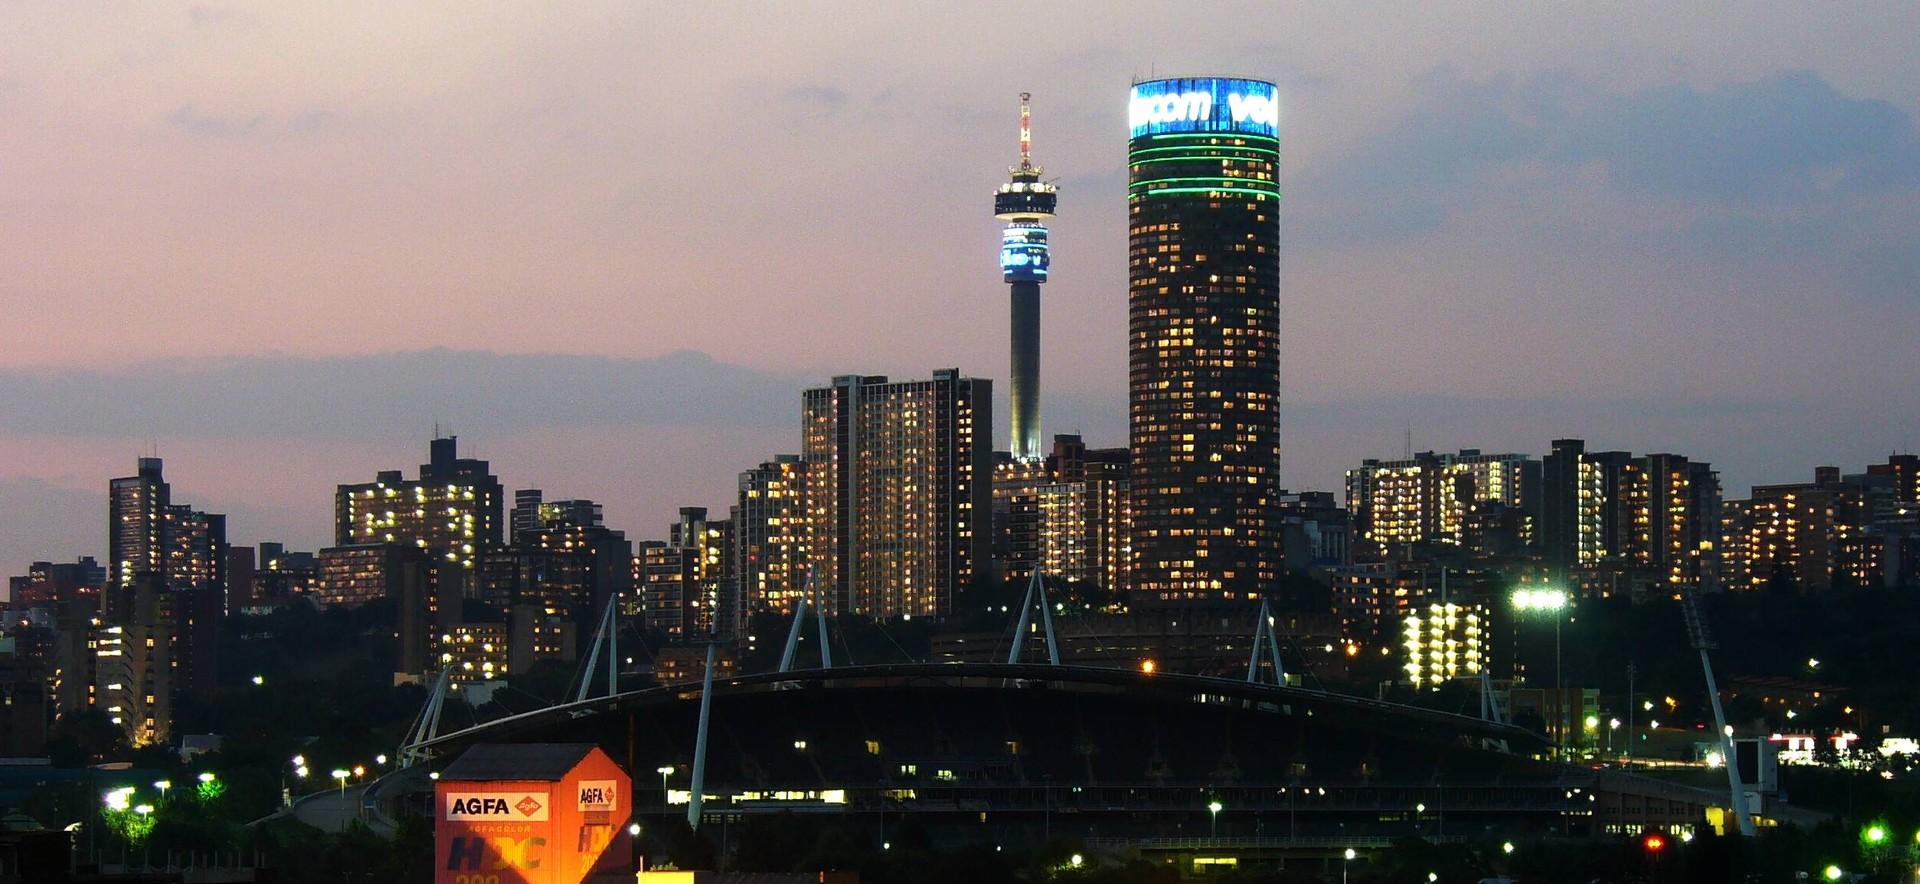 Wrażenia z Johannesburga, Republika Południowej Afryki, według Richarda